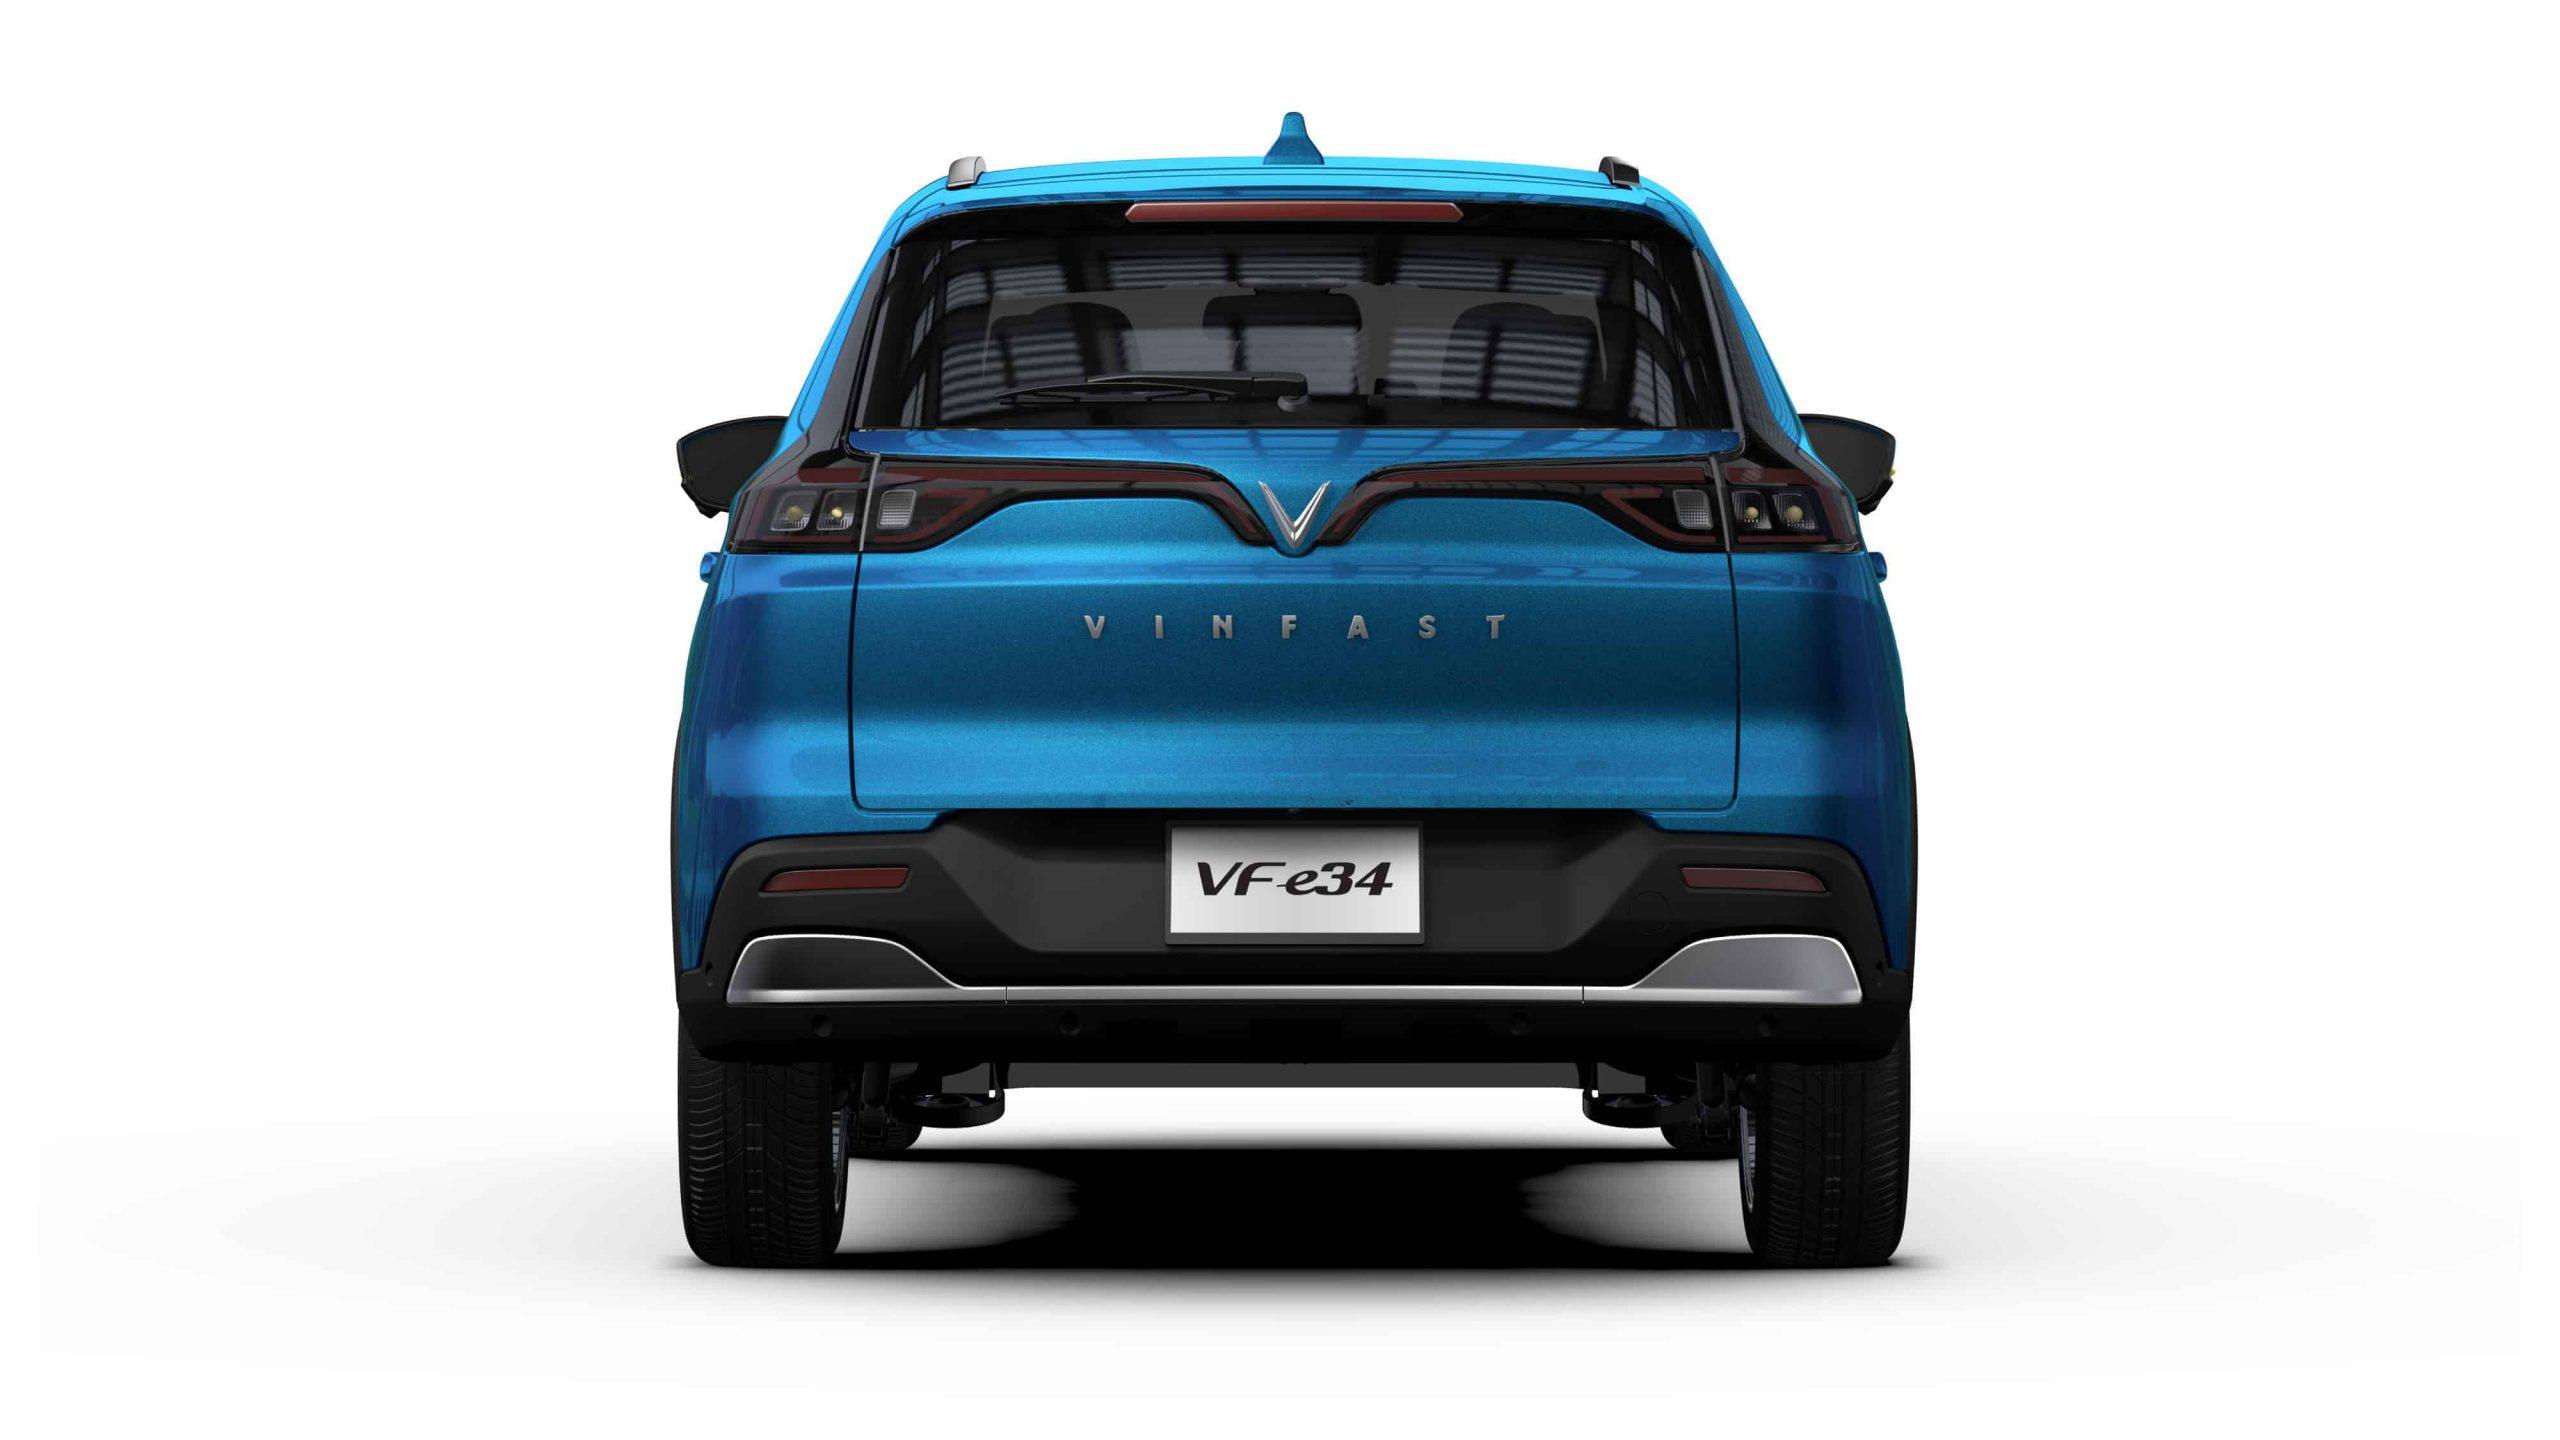 hình ảnh mô phỏng phần sau xe điện vinfast vf e34